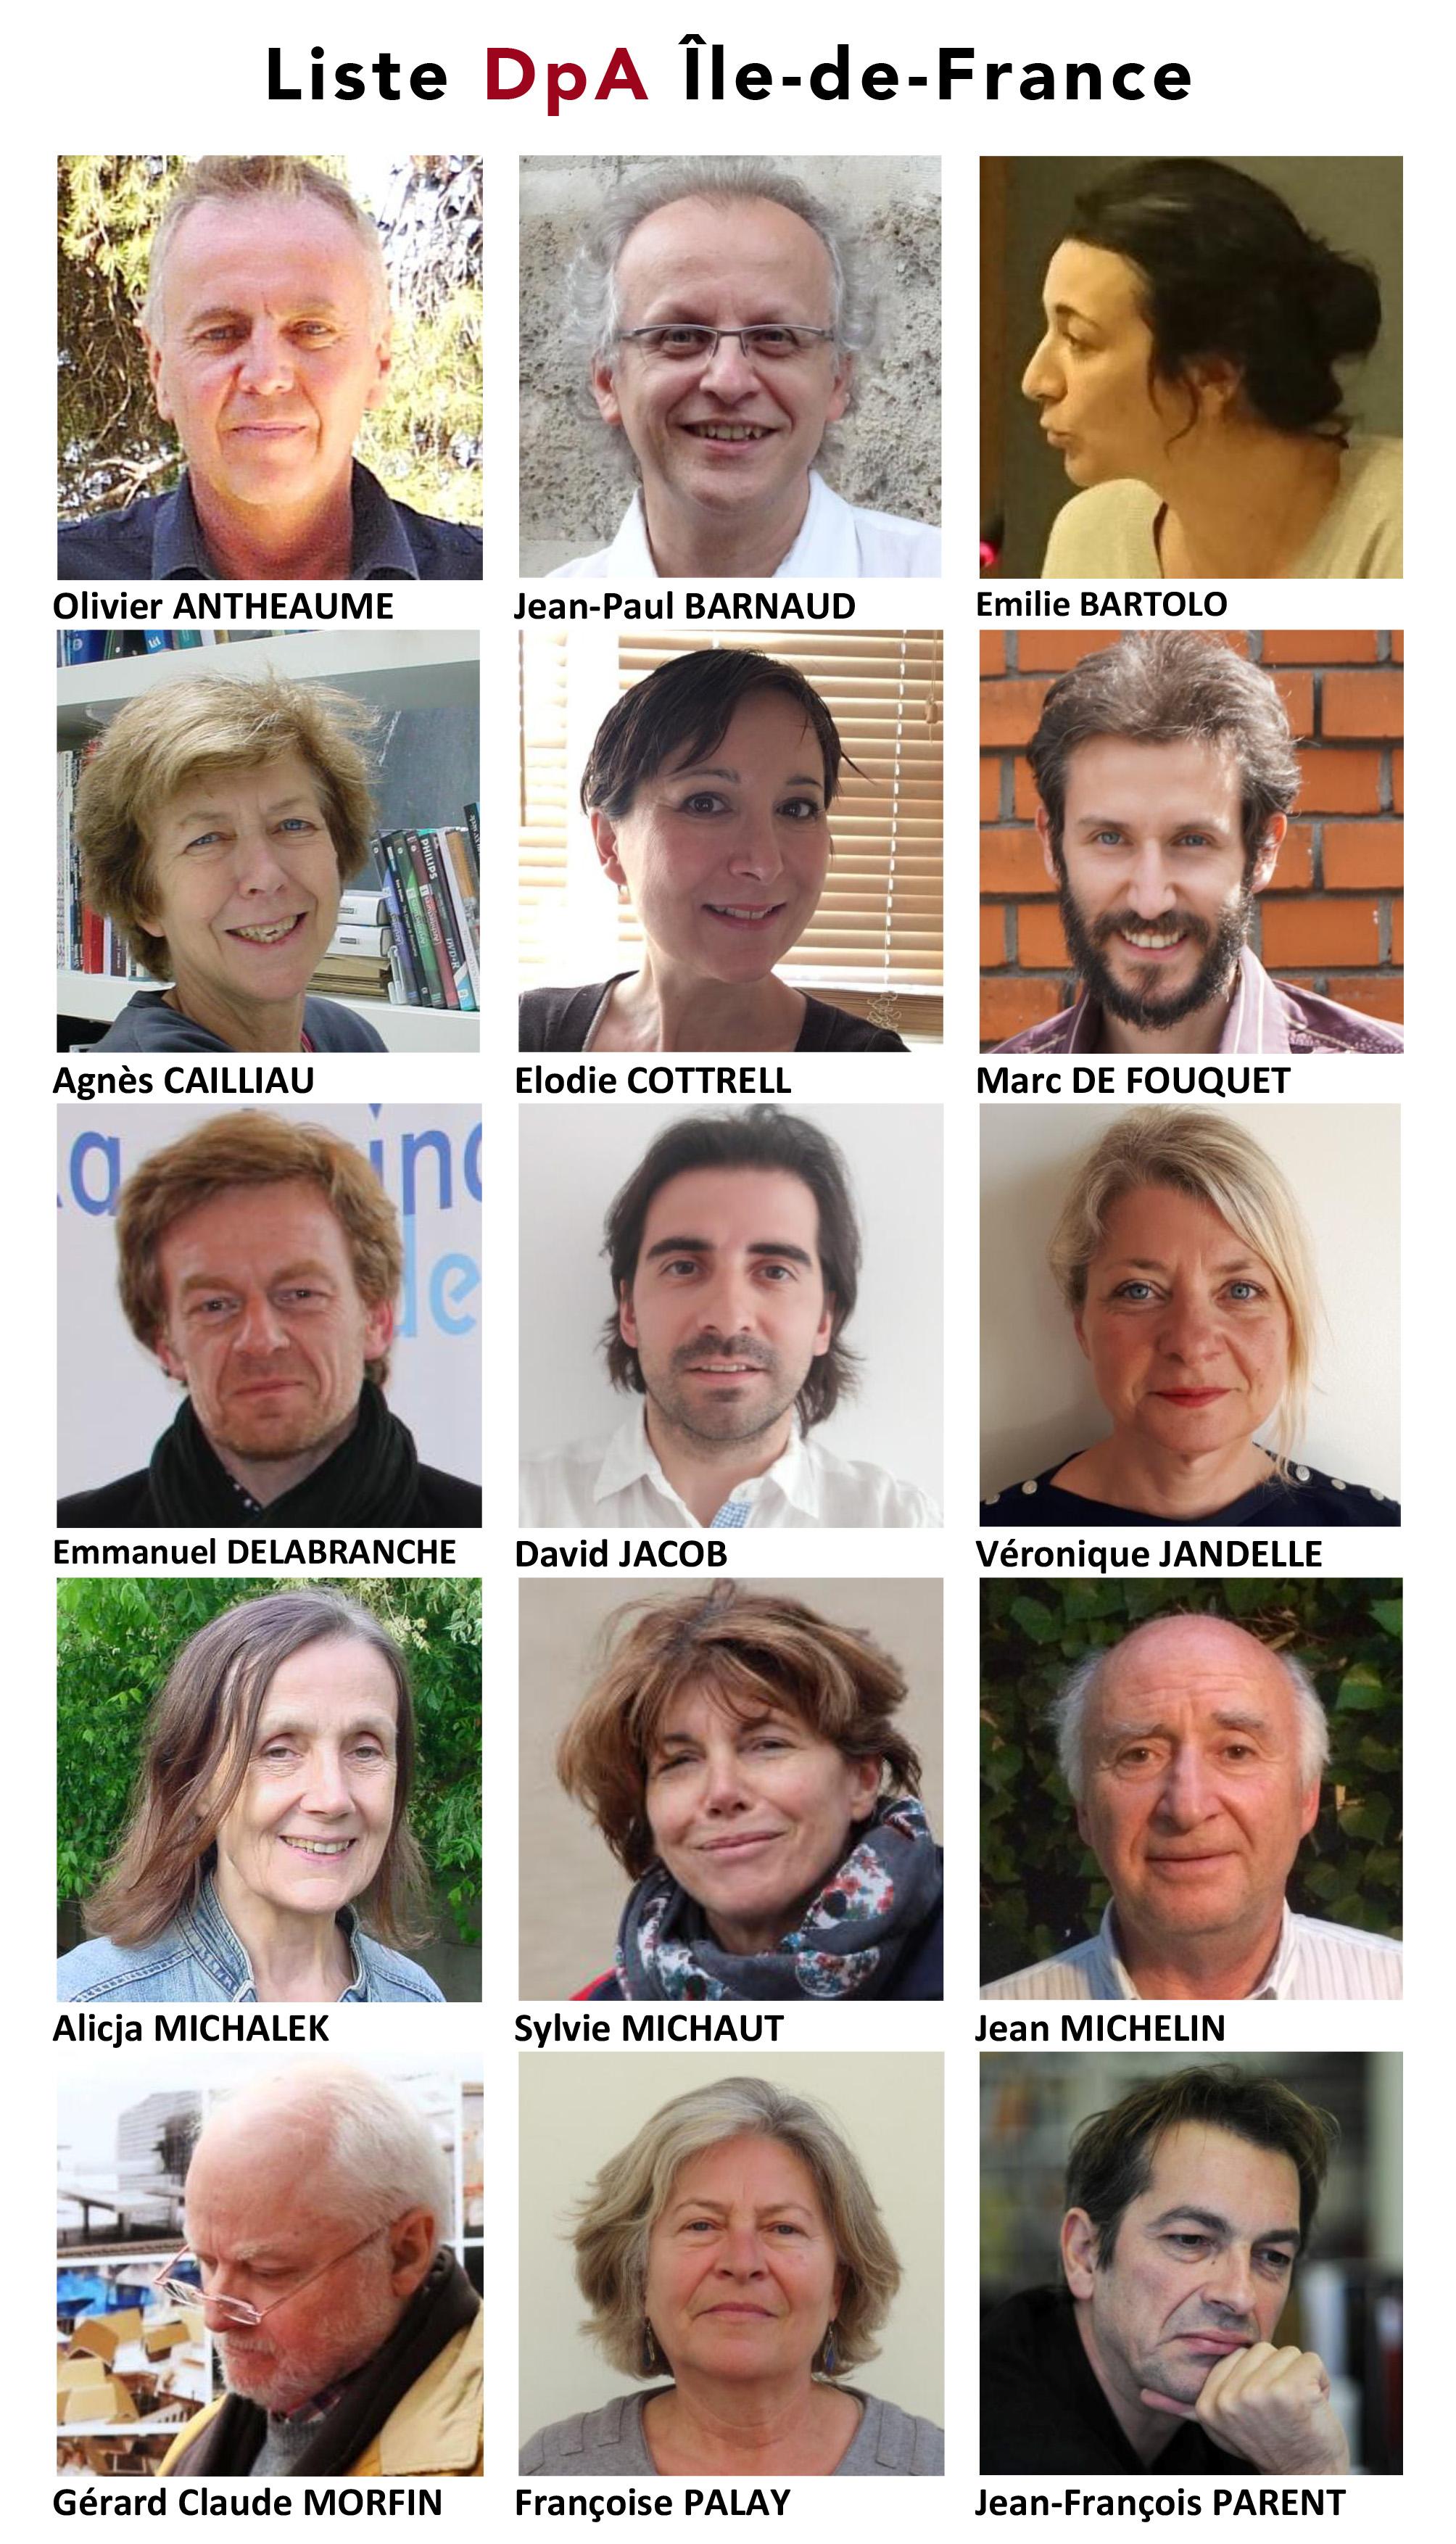 Région IdF - Liste DpA - Élections ordinales 2017